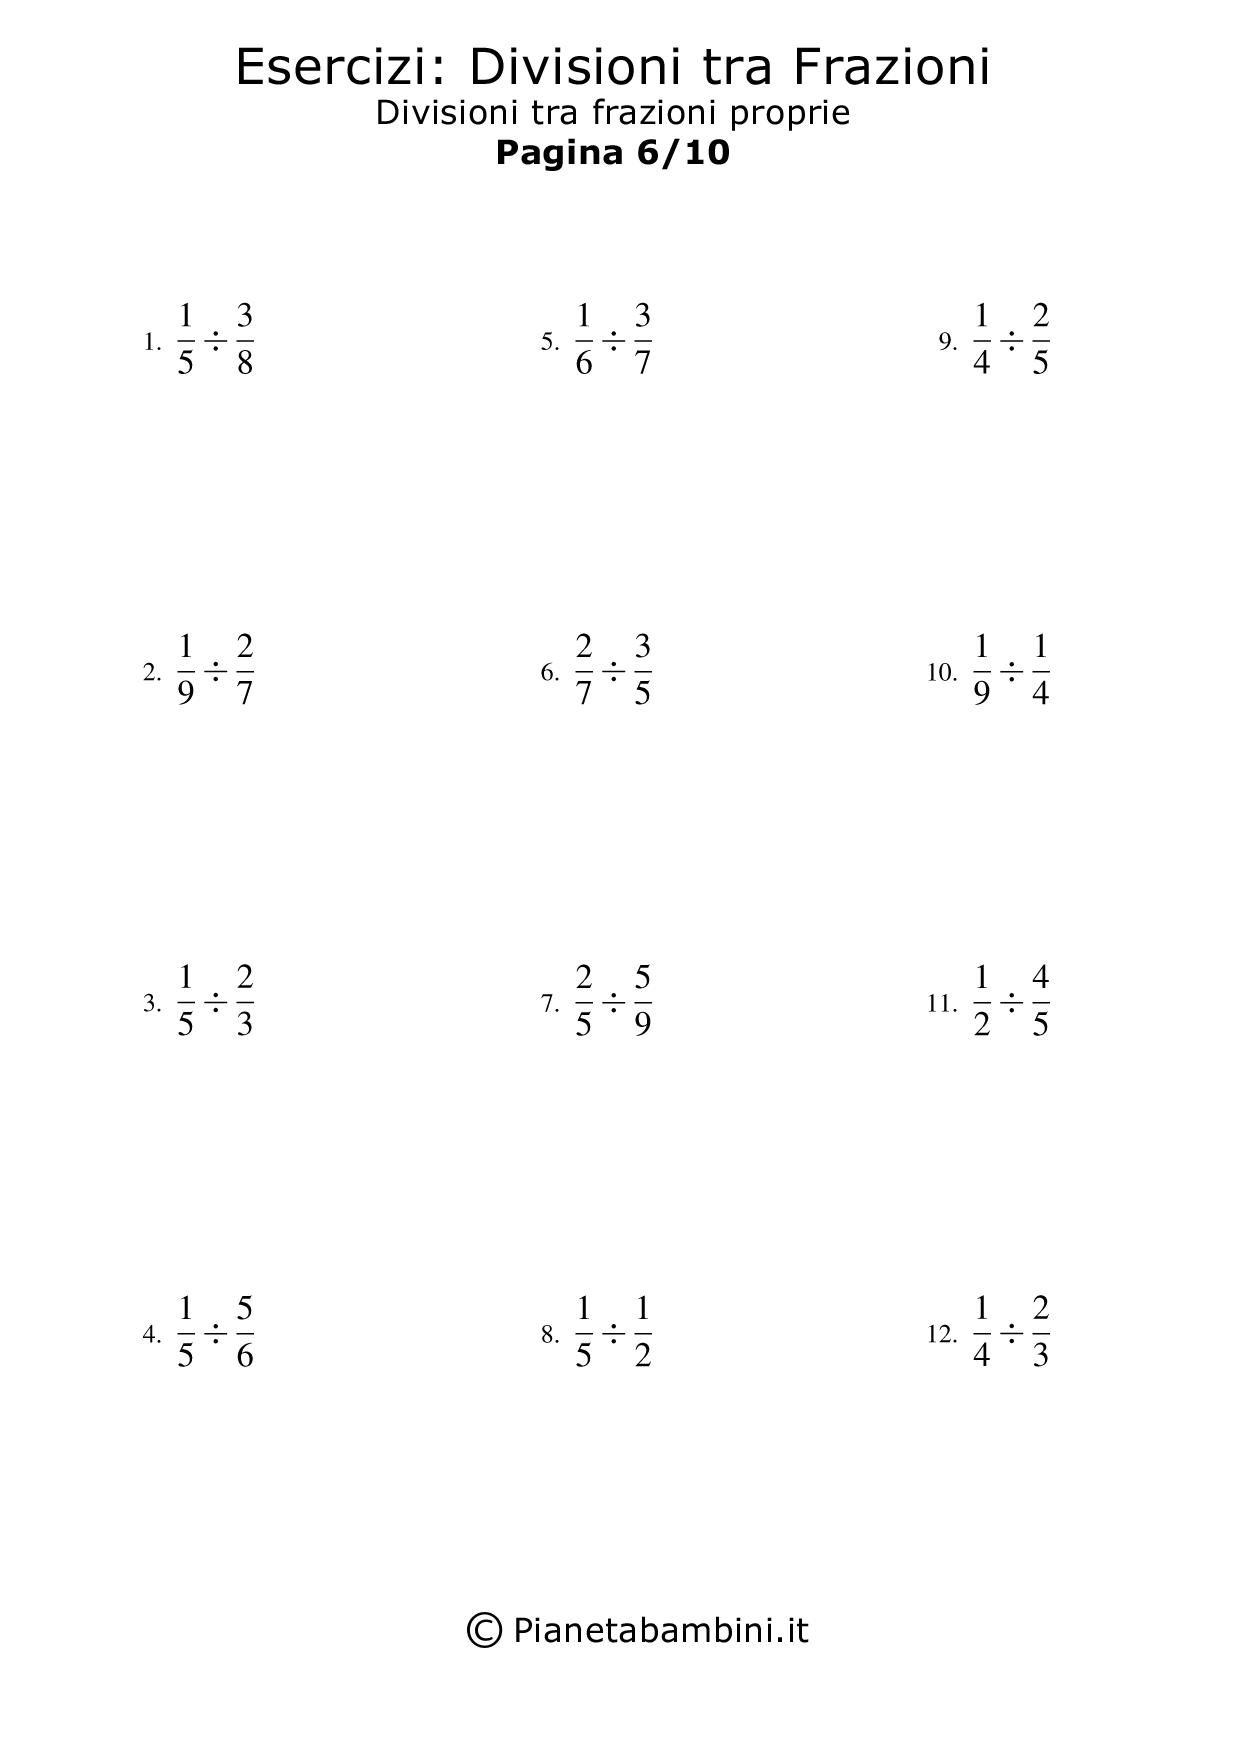 Esercizi-Divisioni-Frazioni-Proprie_06